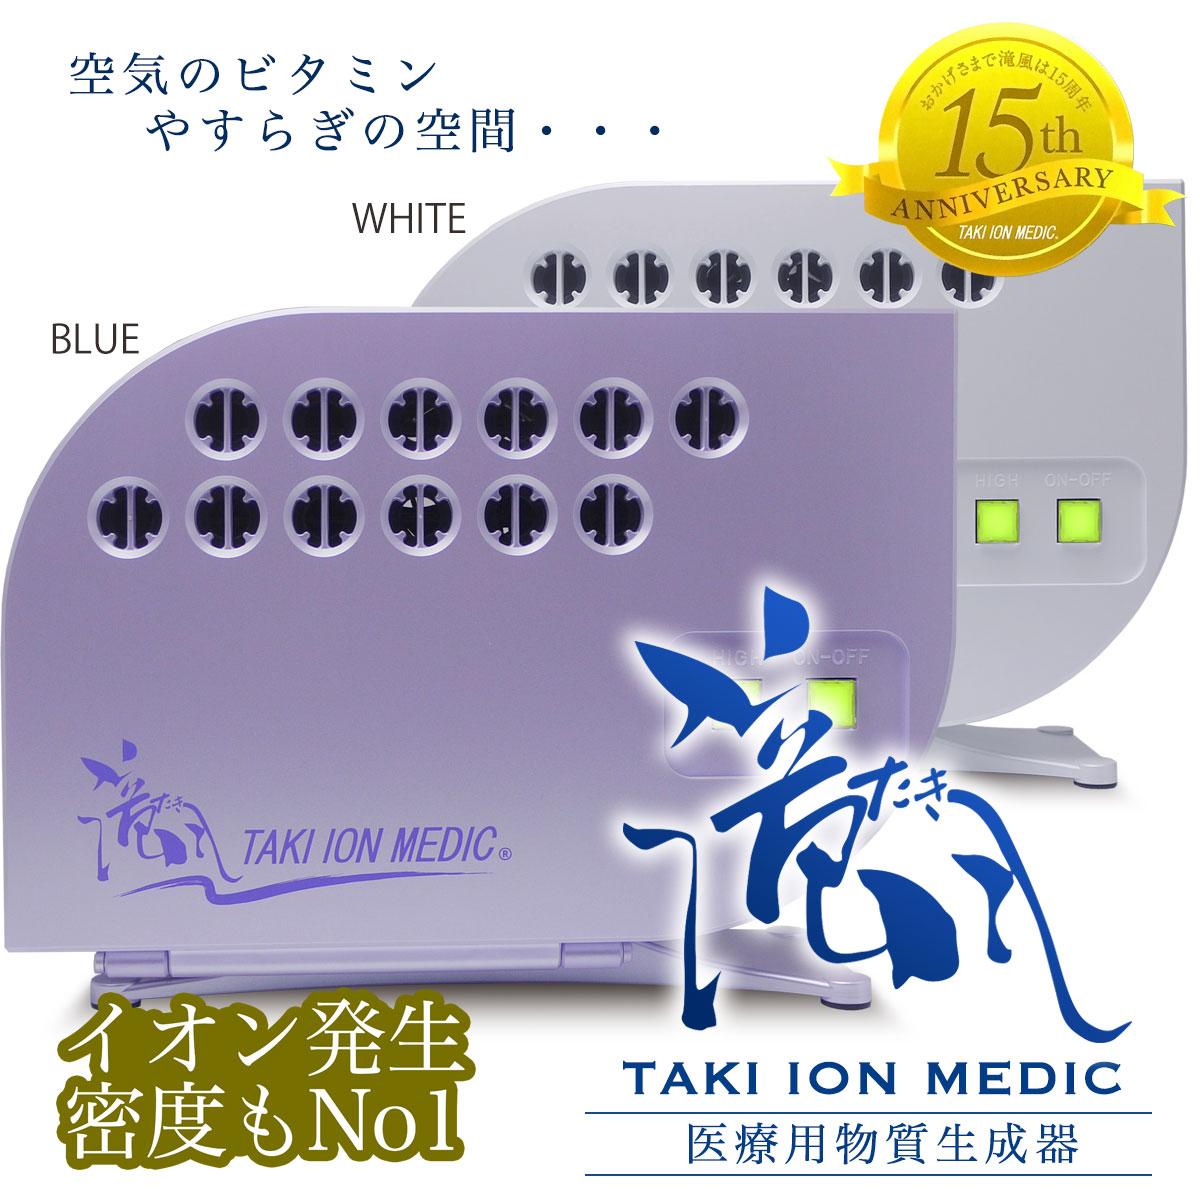 【お買い物マラソン】滝風イオン 医療用物質生成器 ブルー ホワイト 青 白 TAKI ION MEDIC イオン発生密度もNo1 滝イオン 省エネ マイナスイオン 保証書付